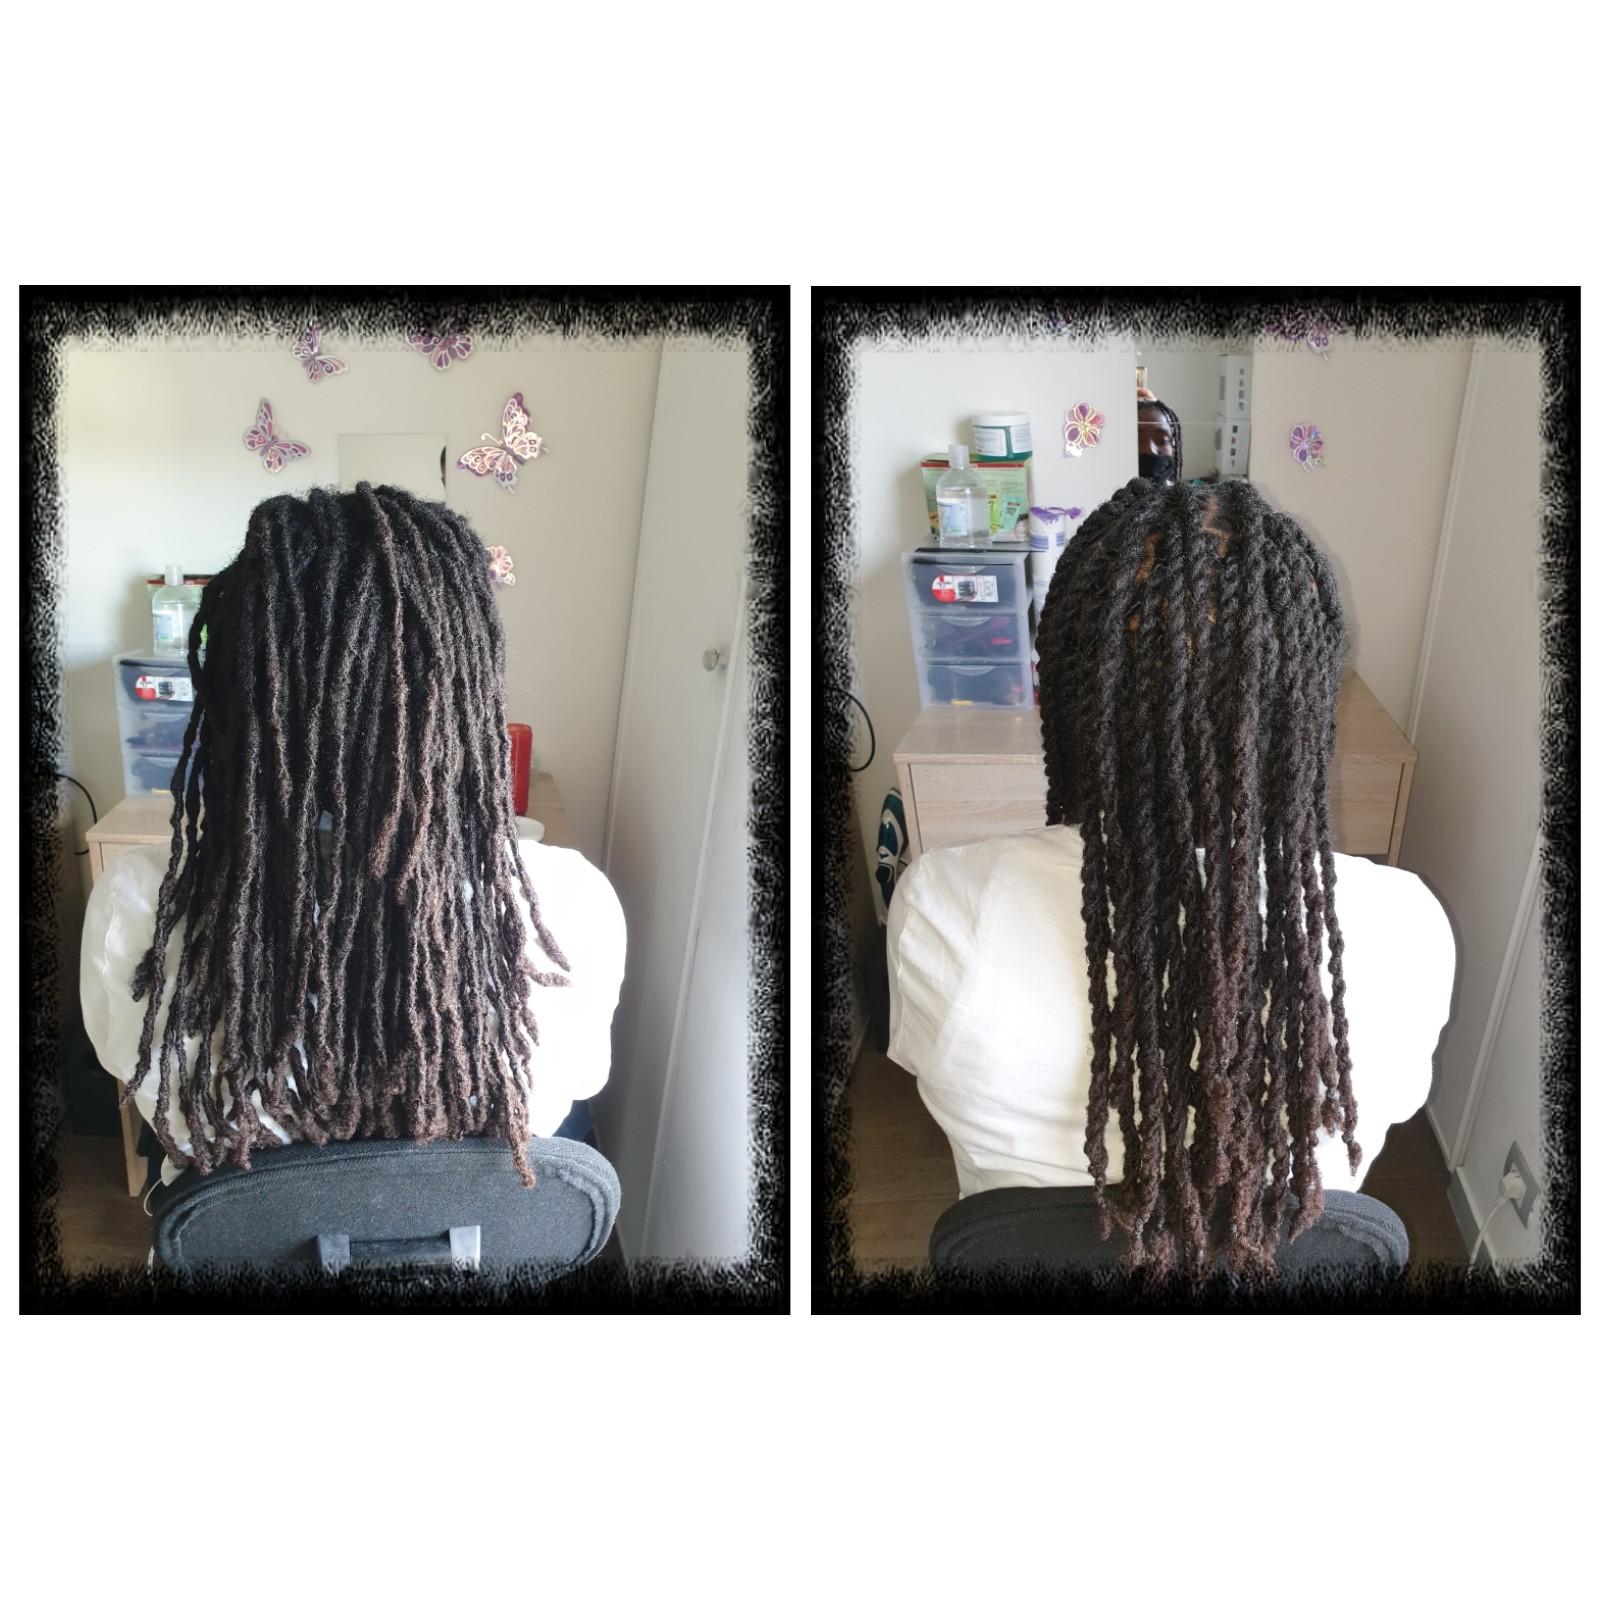 salon de coiffure afro tresse tresses box braids crochet braids vanilles tissages paris 75 77 78 91 92 93 94 95 WJUKANVJ